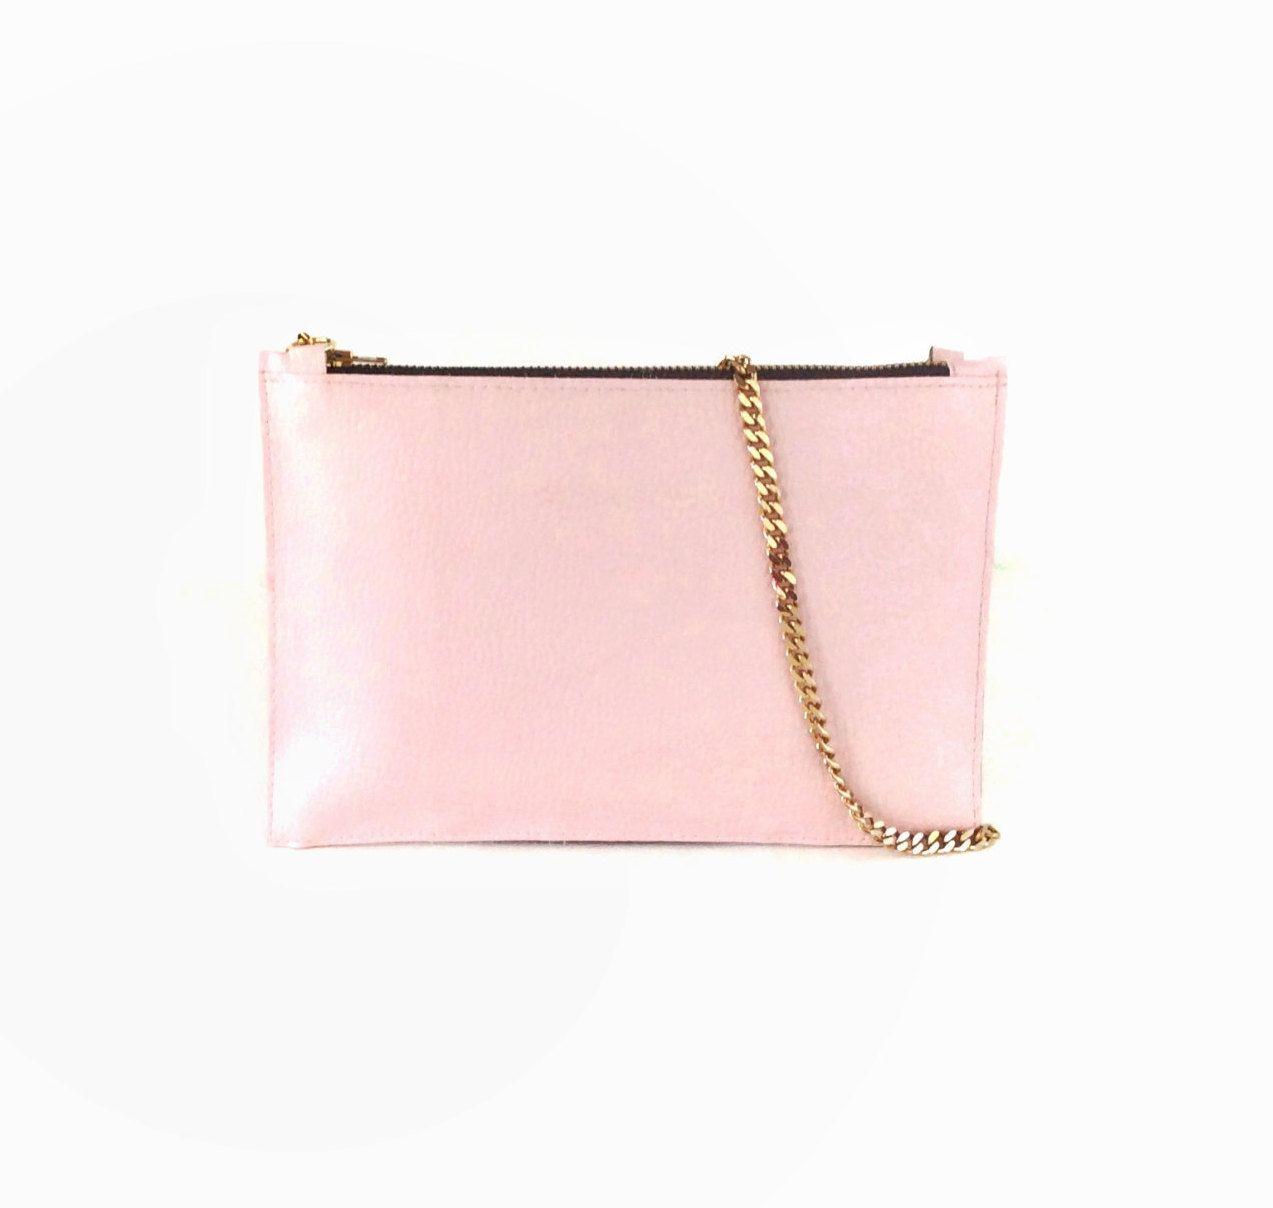 Rose pink small shoulder bag, pink clutch purse, vegan leather ...